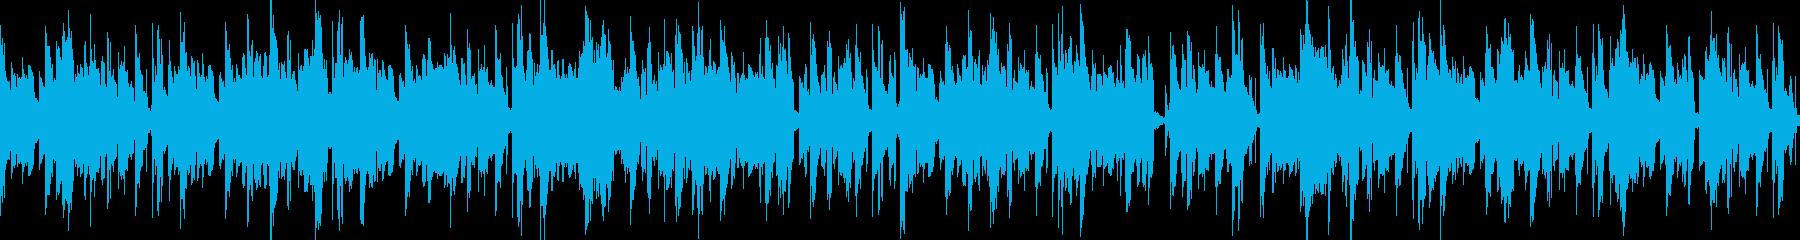 無骨重低音機械的ブイブイループBGMの再生済みの波形